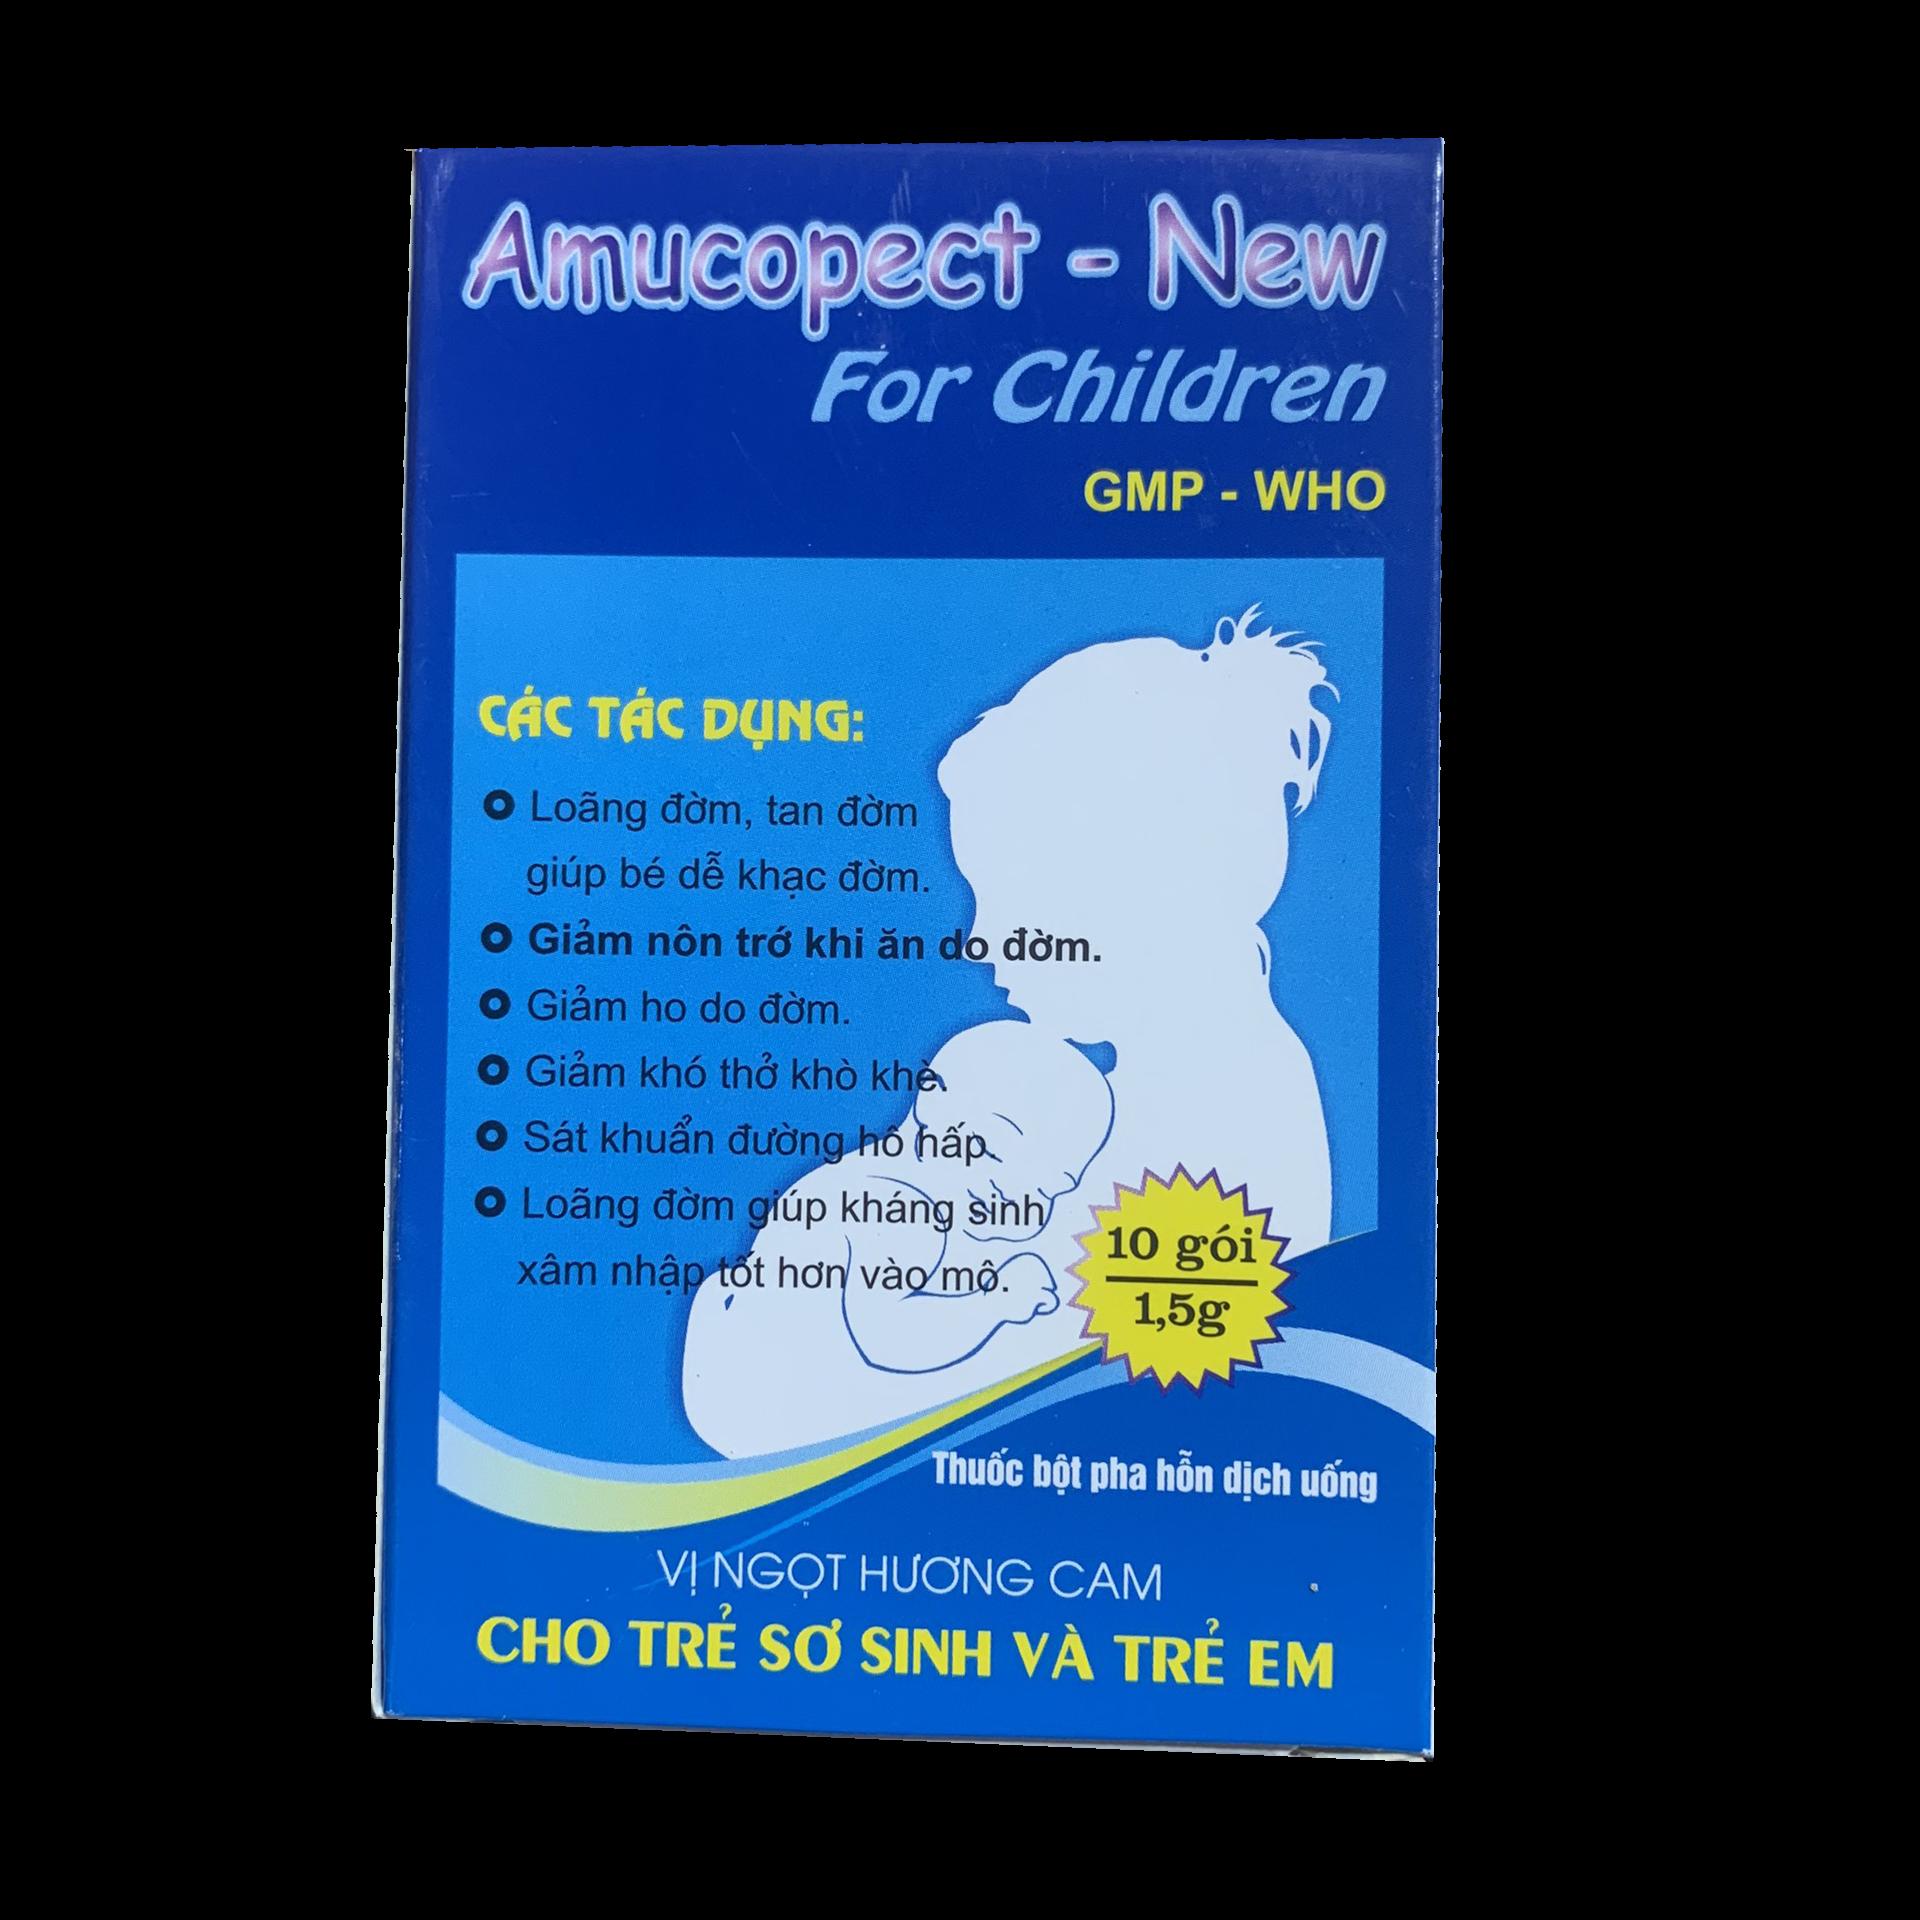 Bột pha hỗn dịch uống trị ho, long đờm Amucopect - New hộp 10 gói